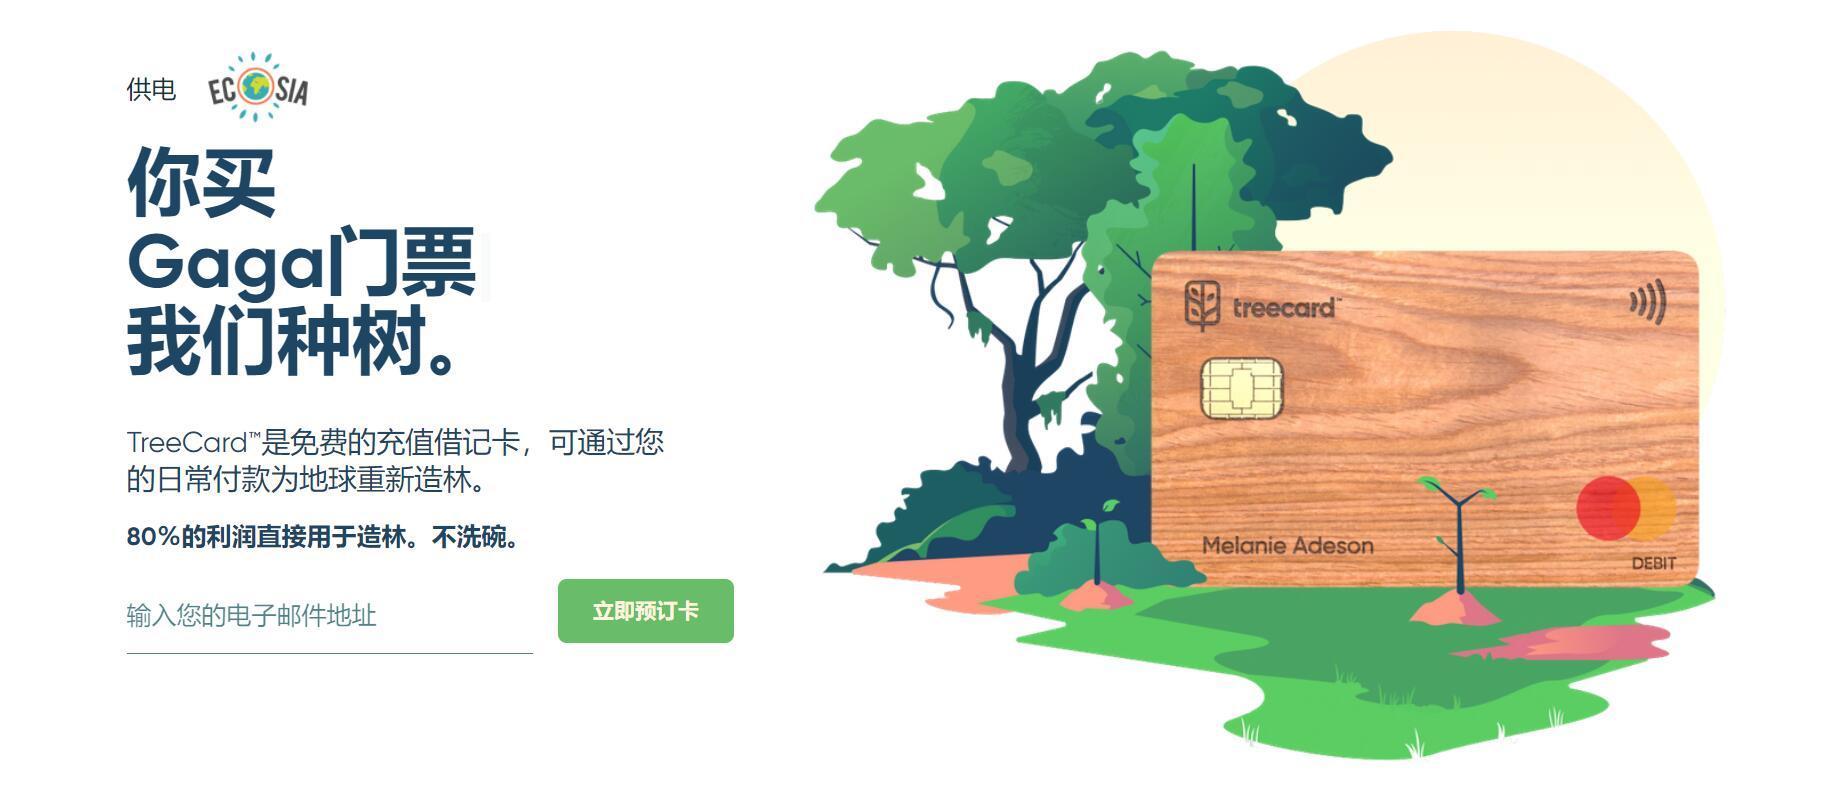 免费申请一张Mastercard 木质借记卡,免费,线报,资源,第1张